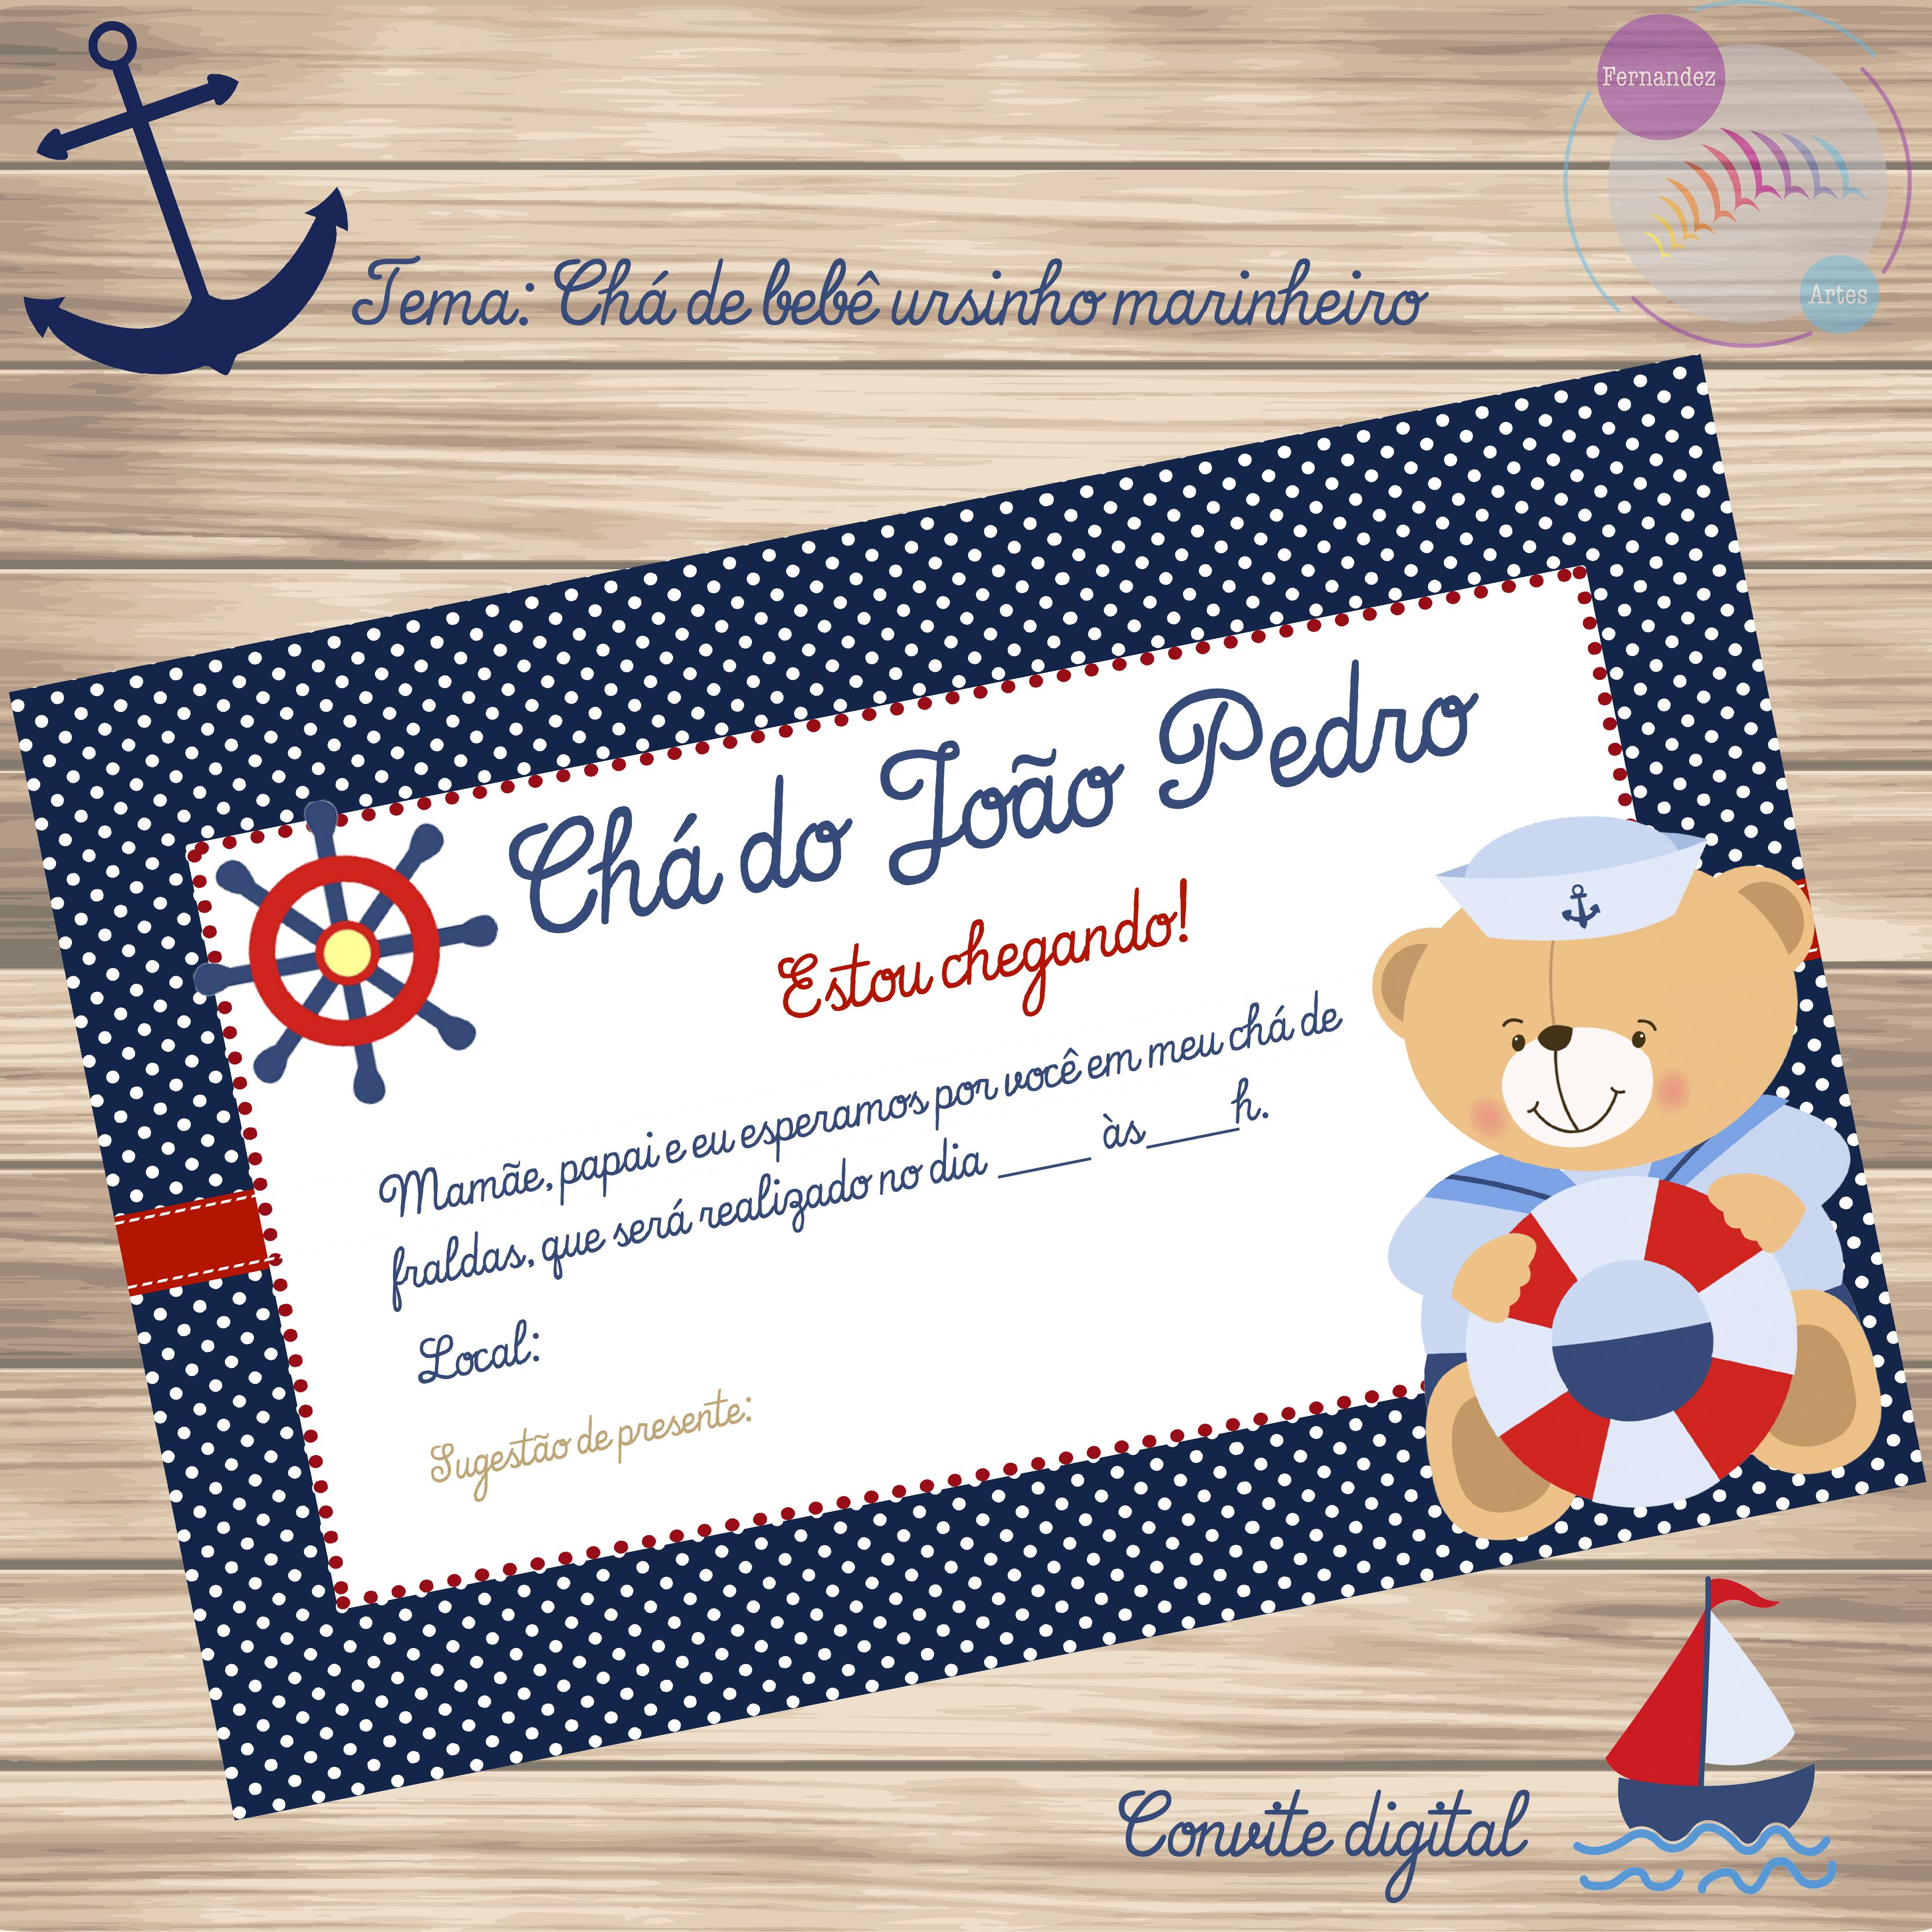 Amado Convite Virtual Chá de Bebê Ursinho Marinheiro | Elo7 RS79